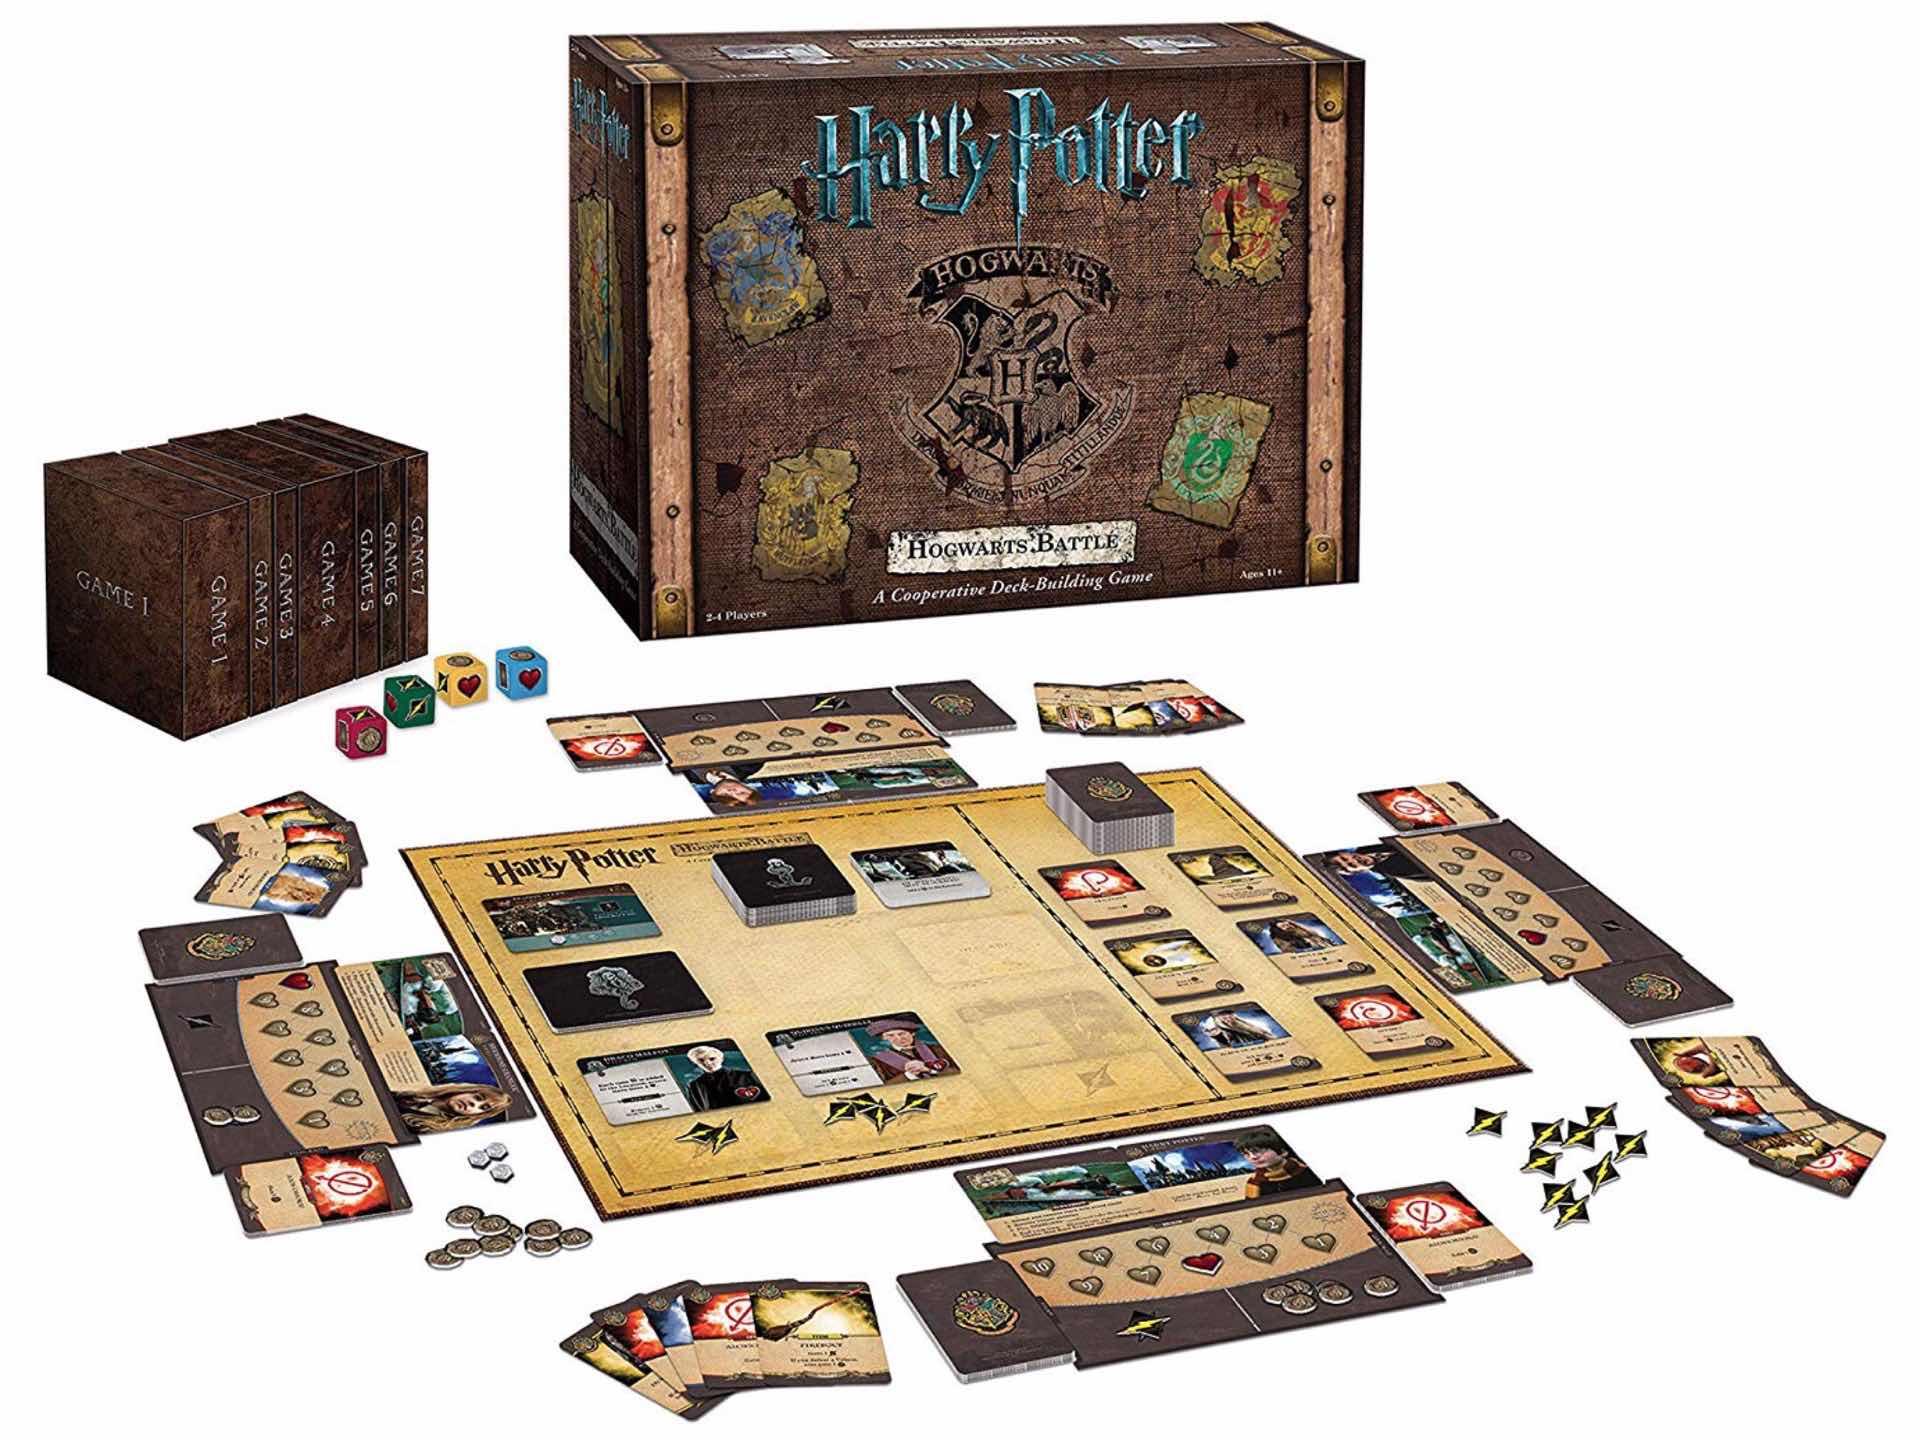 harry-potter-hogwarts-battle-cooperative-card-game